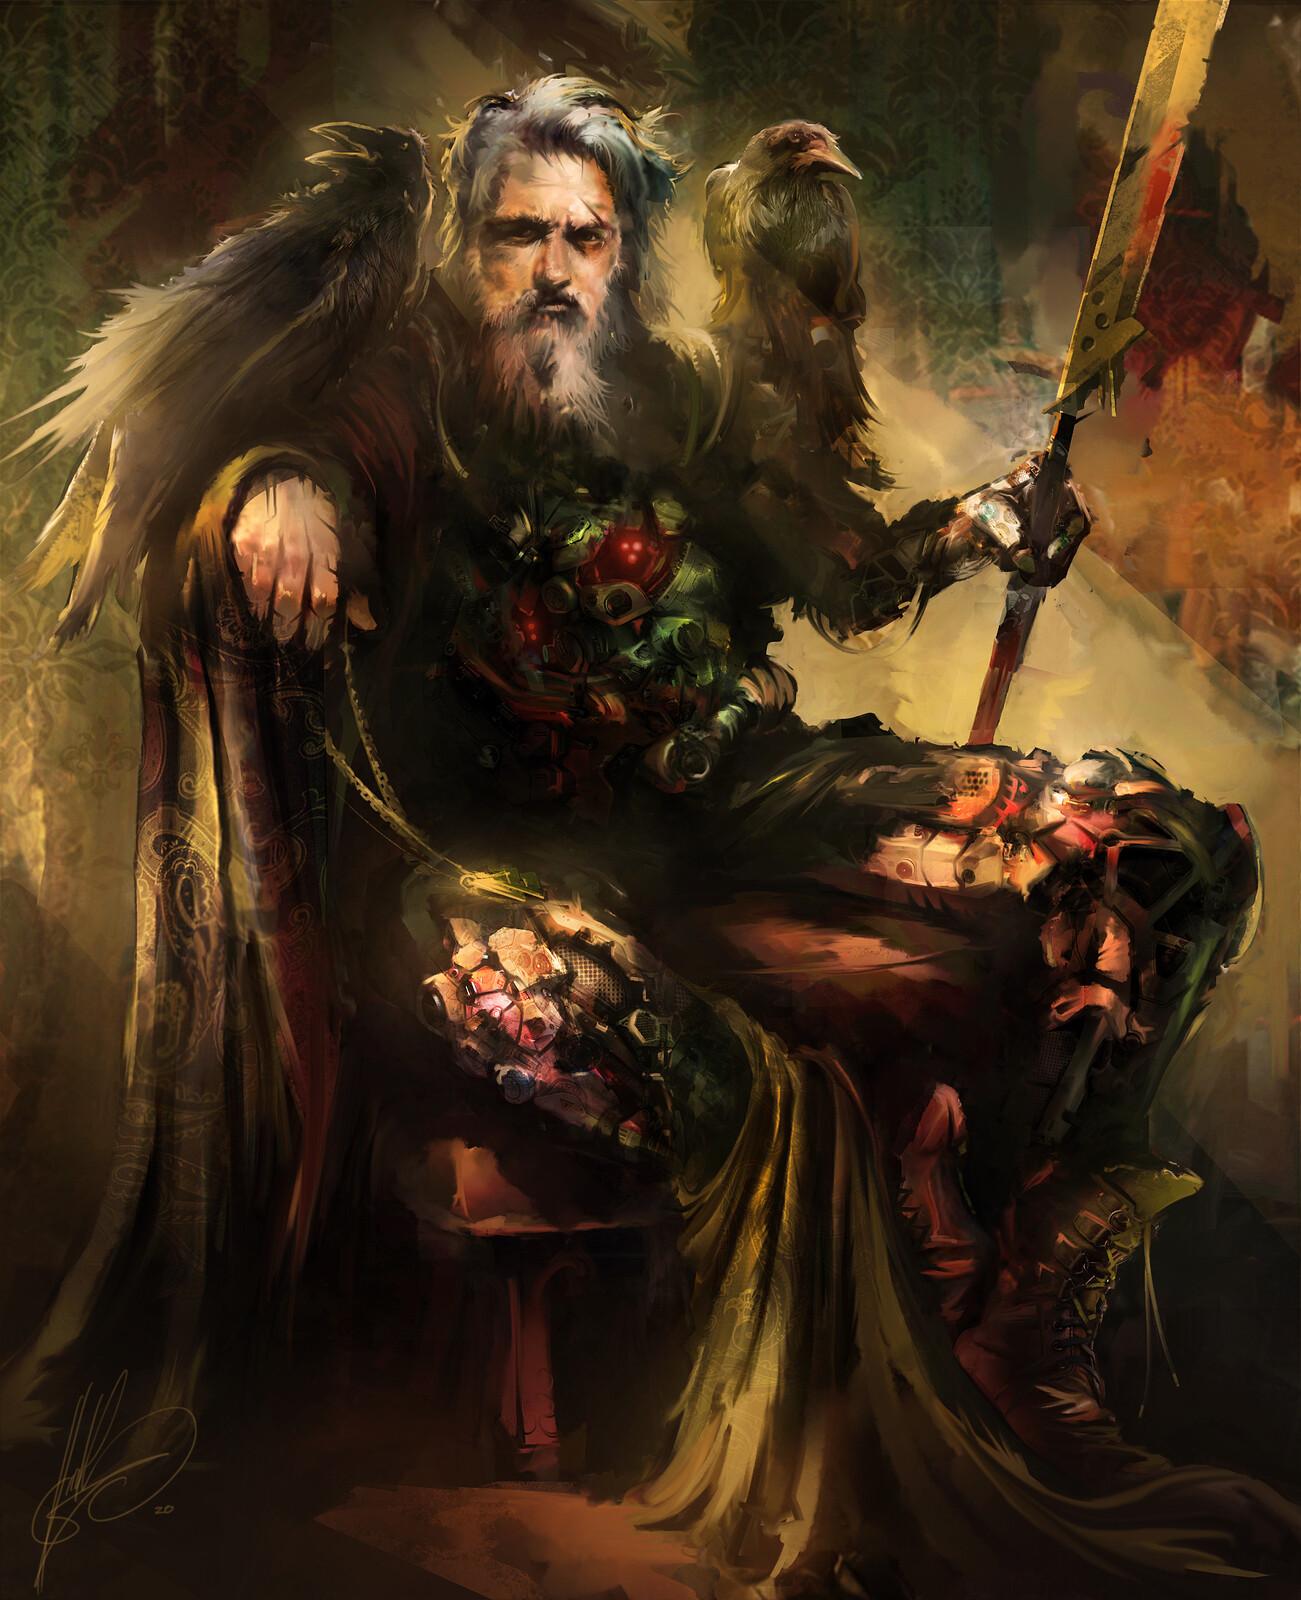 Allfather Odin